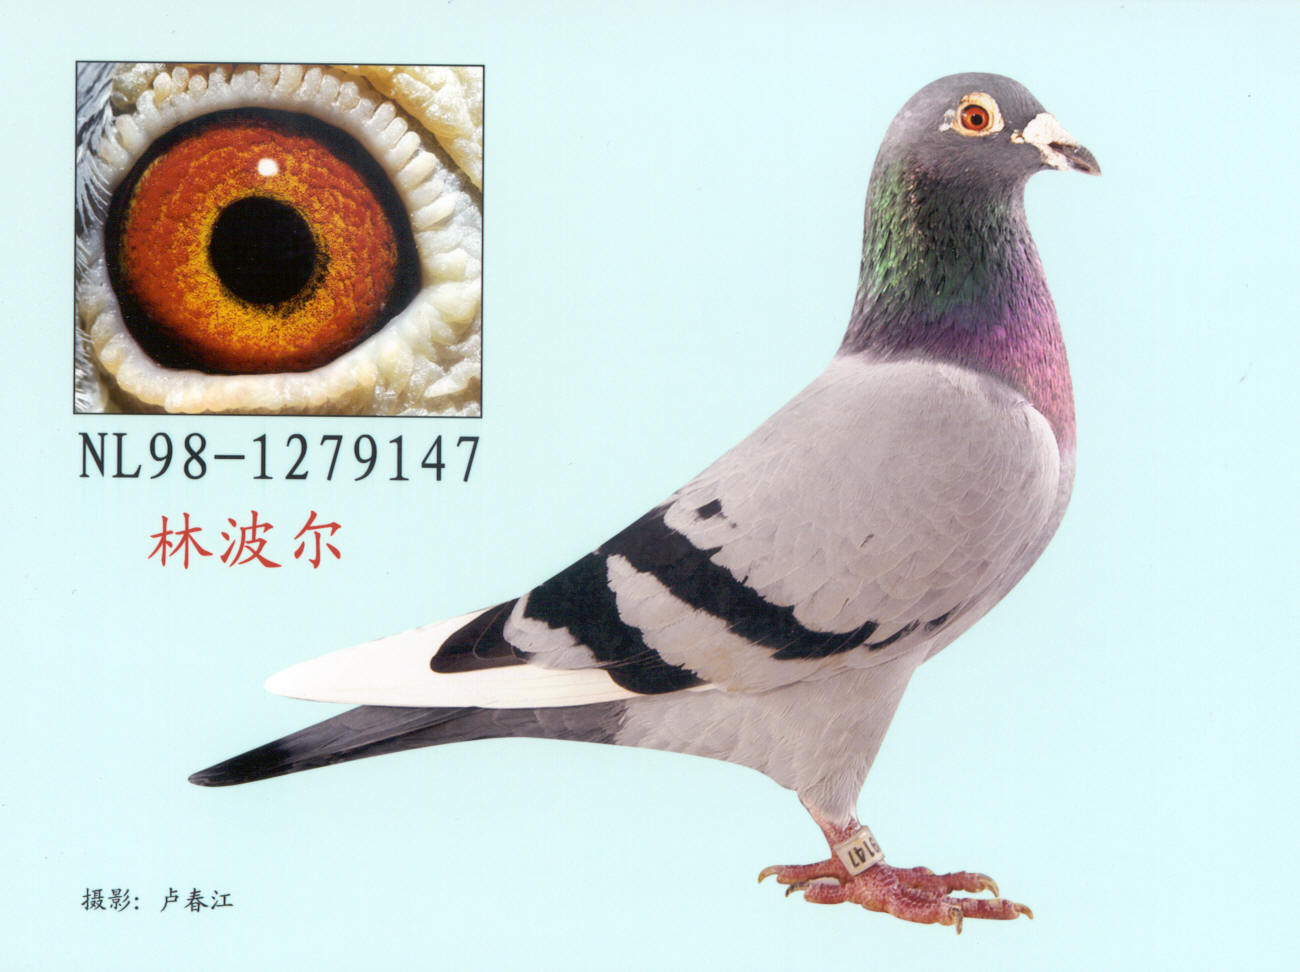 哪位朋友给传一张纯林波尔系信鸽的照片